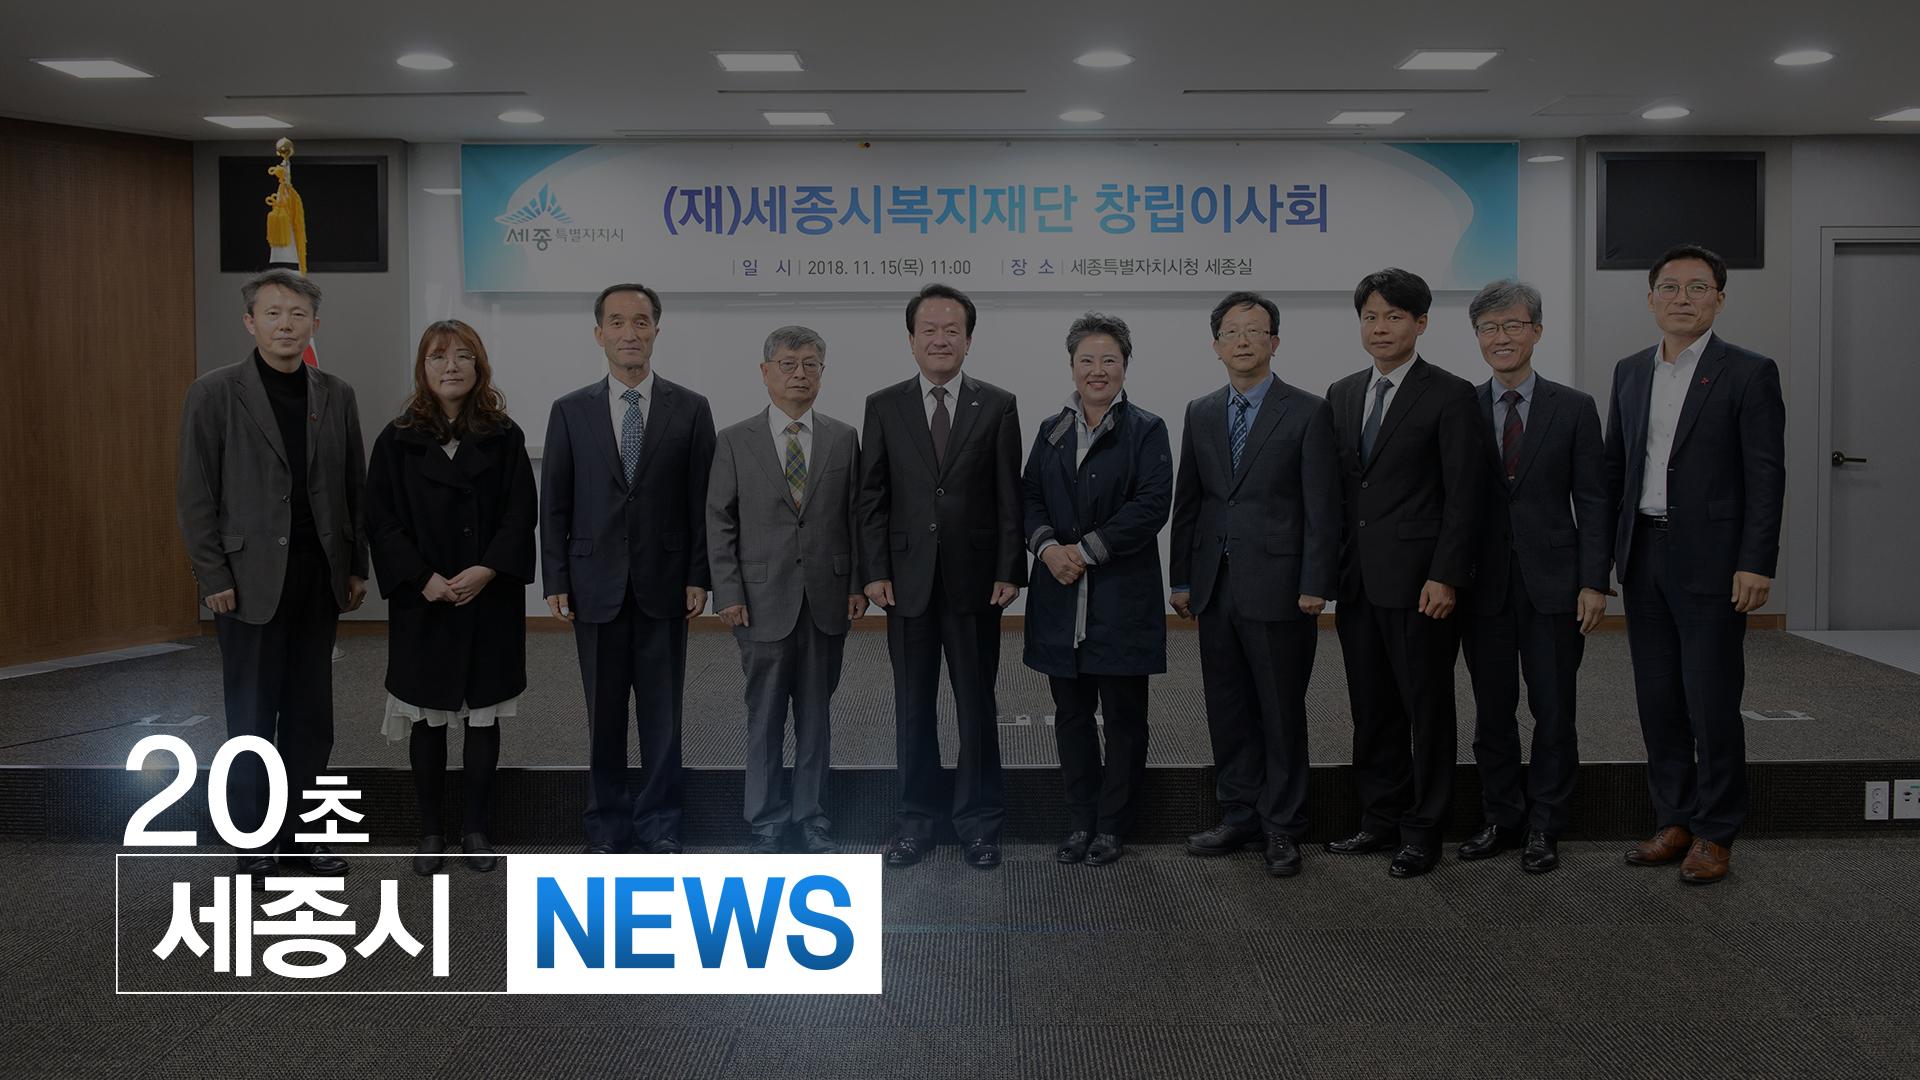 <20초뉴스>  '복지 중추기관' 세종시복지재단 출범 눈앞